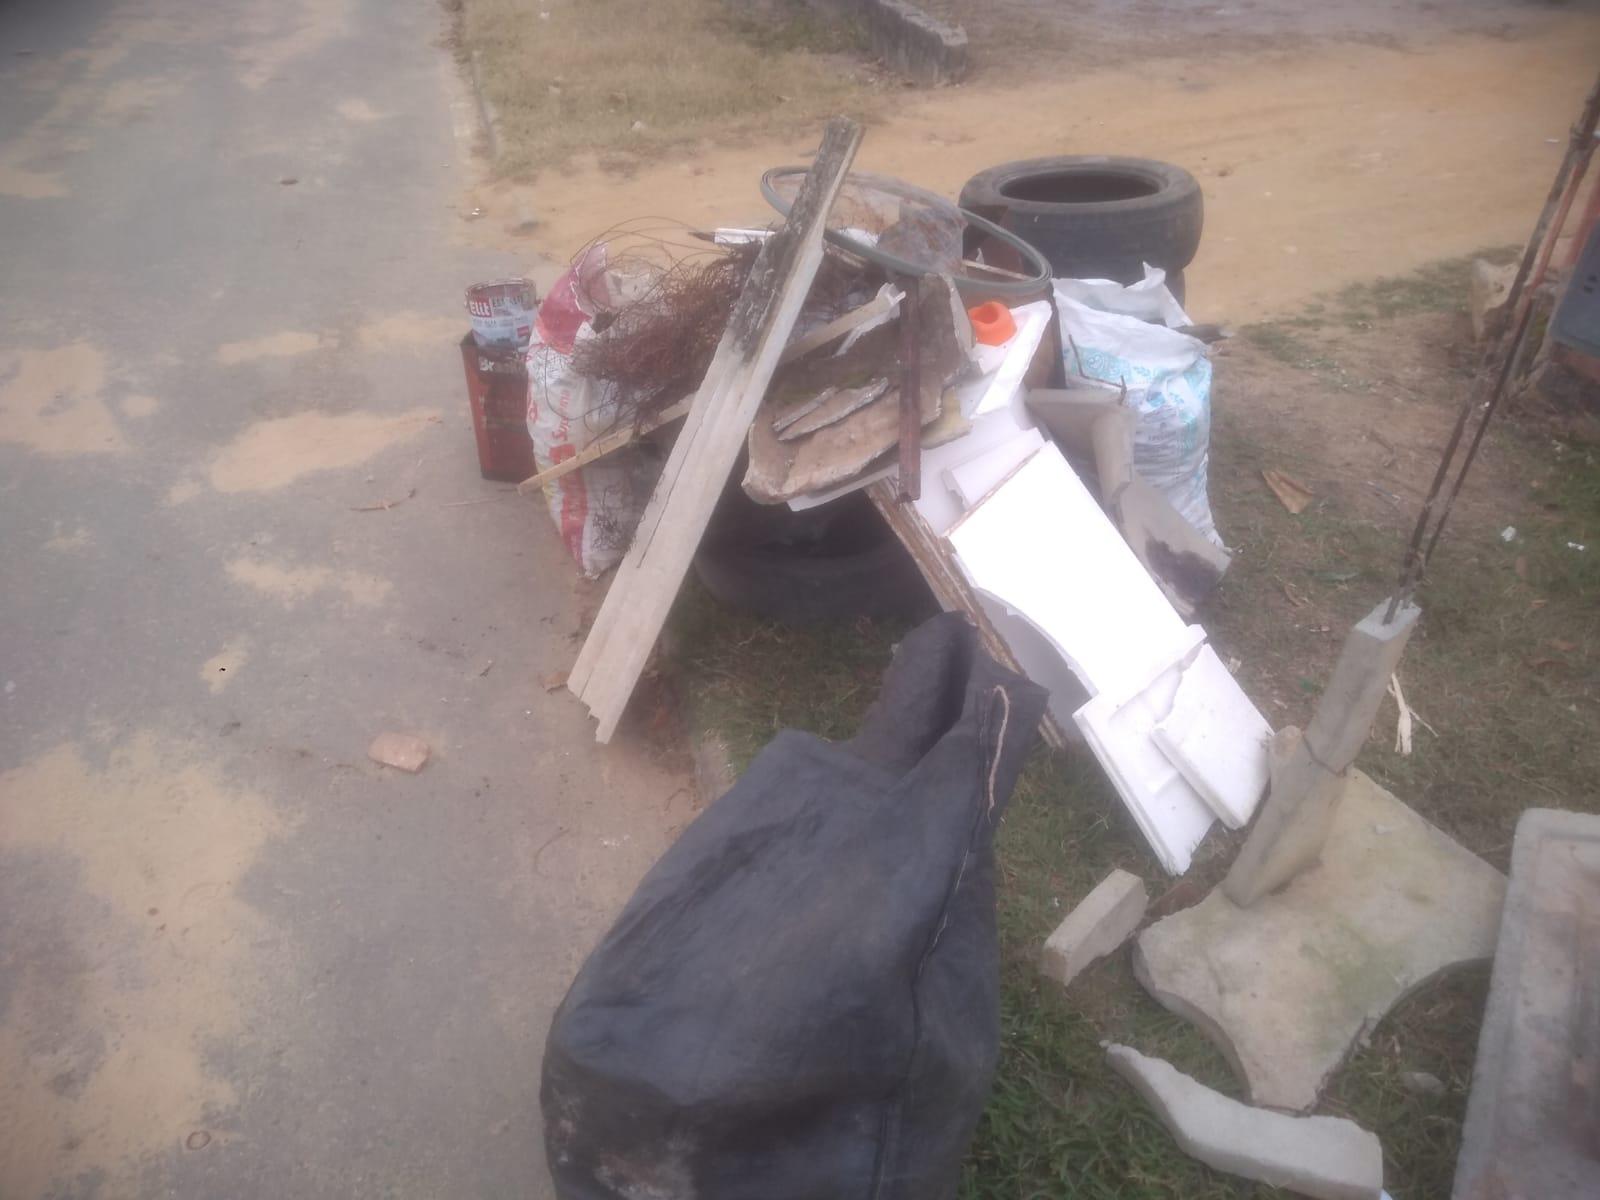 Mutirão de limpeza contra o Aedes Aegypti recolhe lixo no distrito da Colônia 19